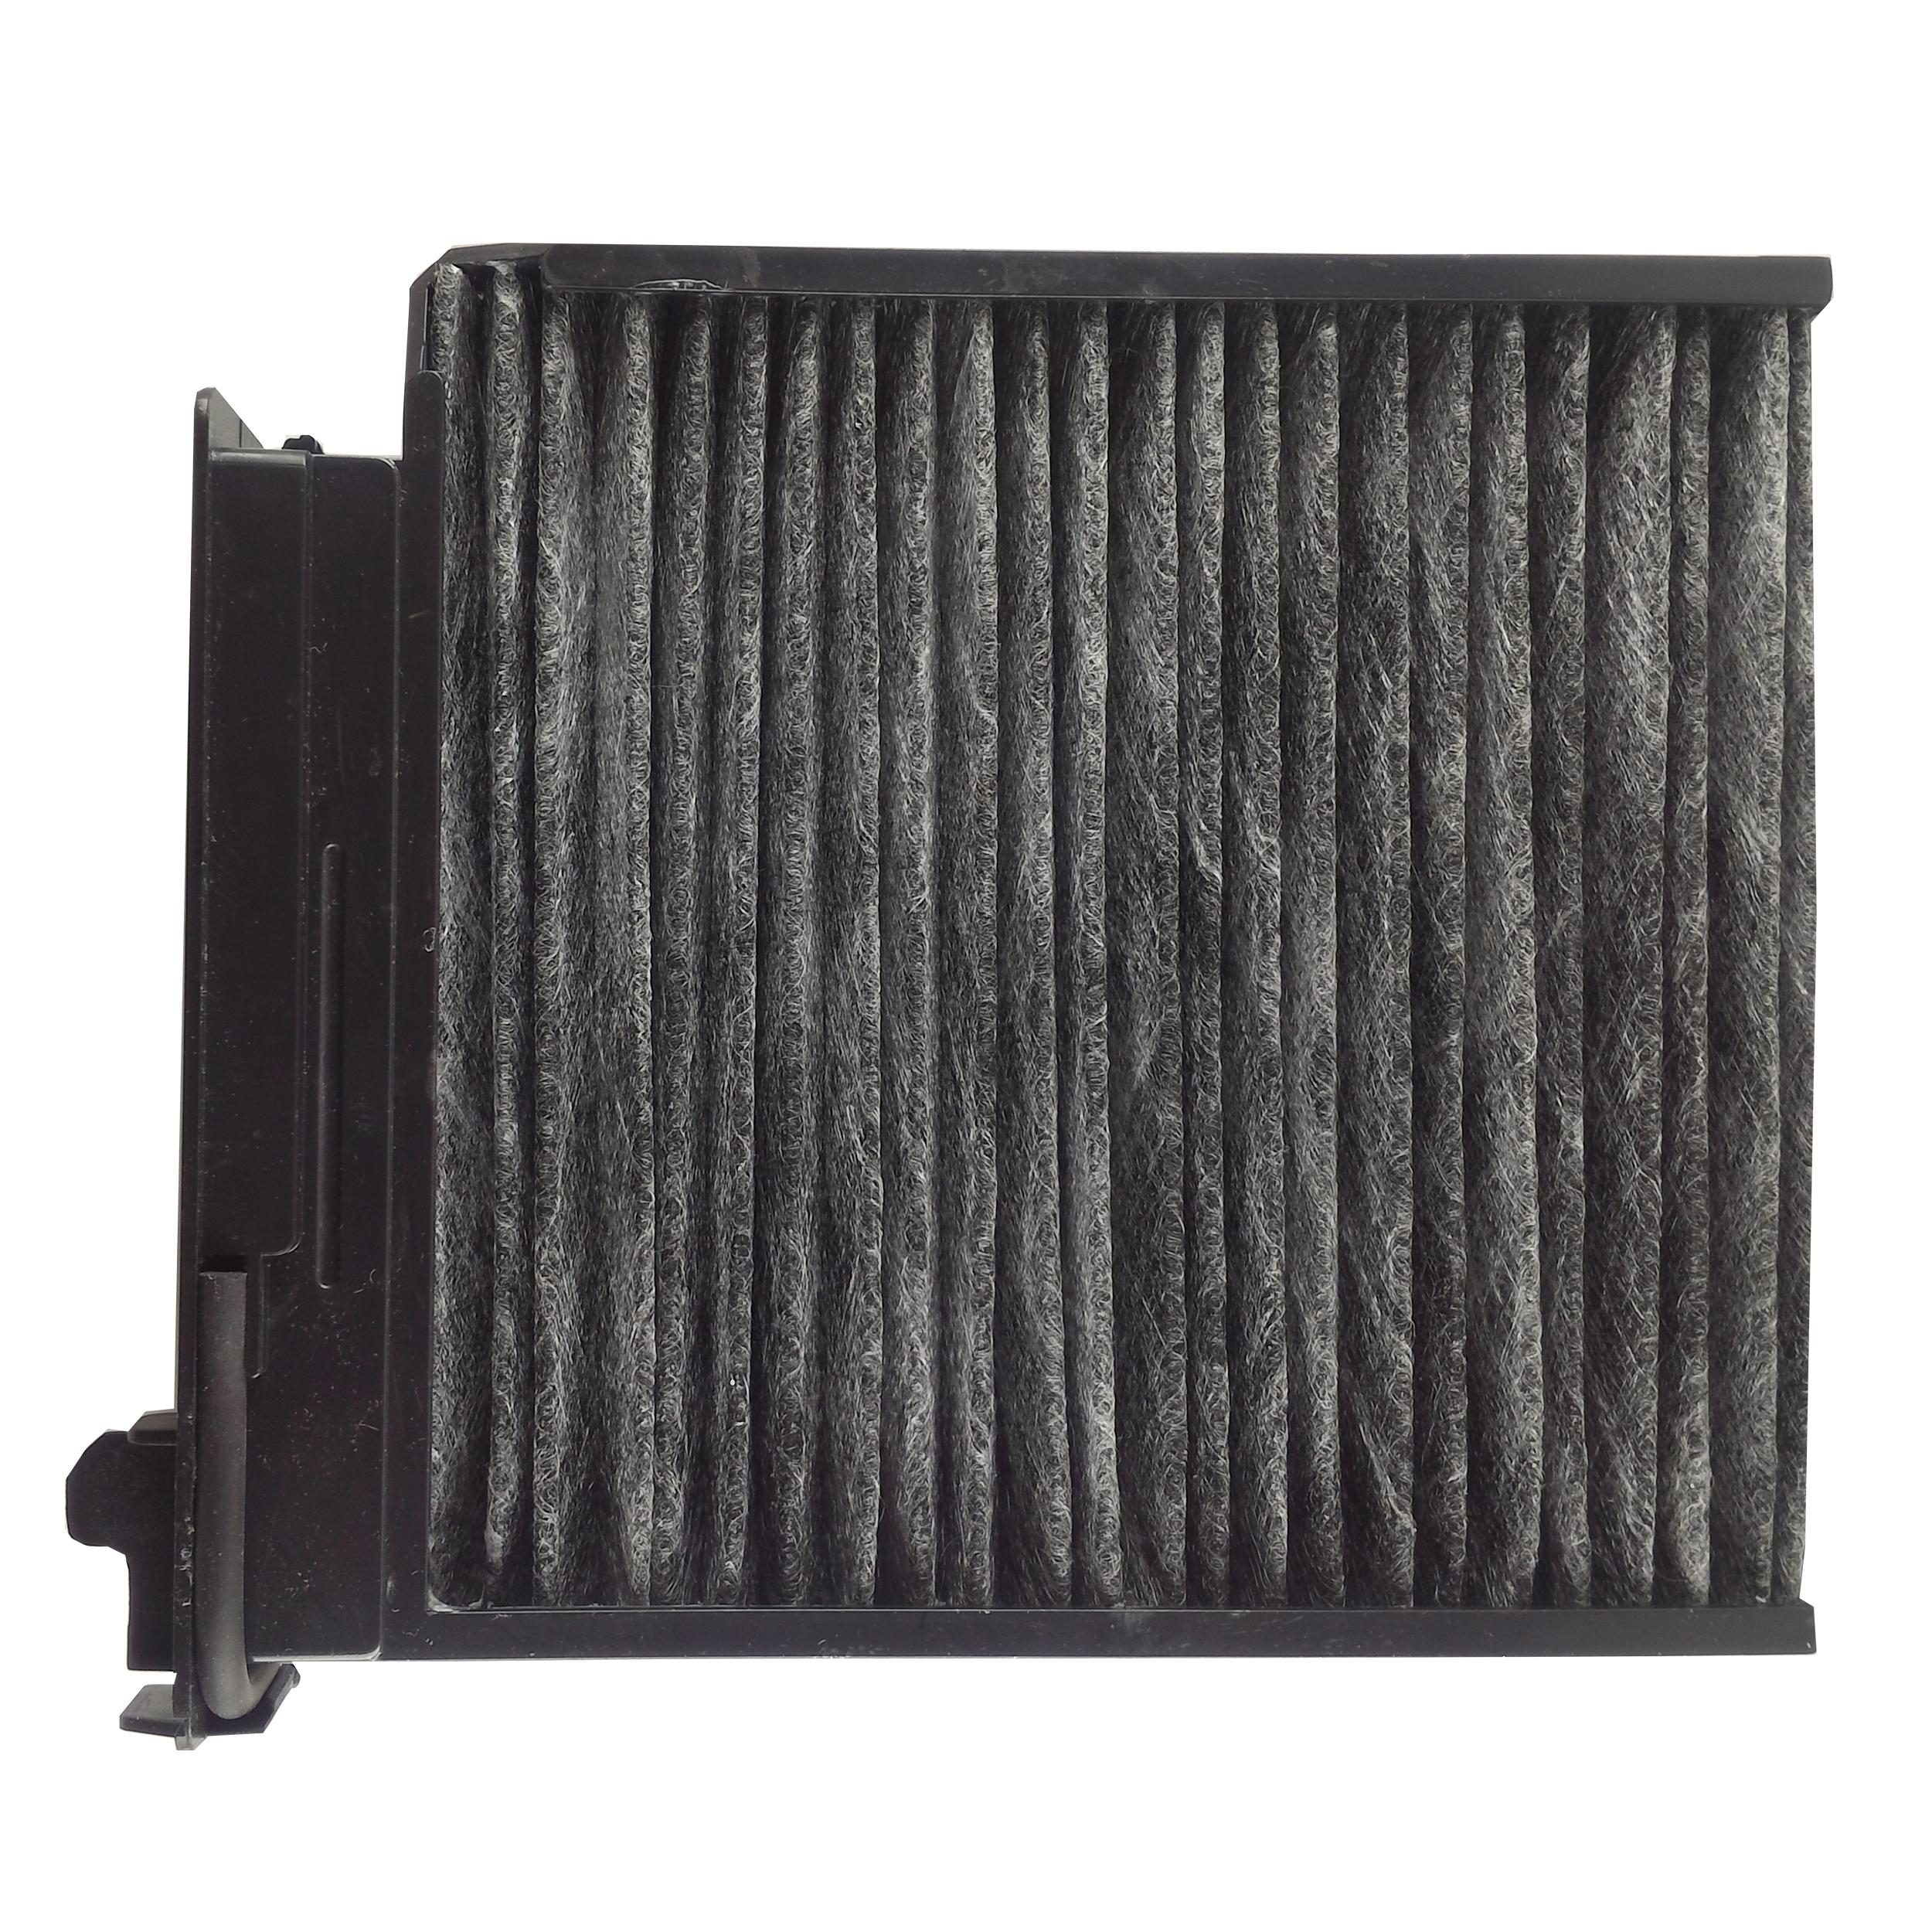 فیلتر کابین خودرو مدل 514 مناسب برای رنو ساندرو